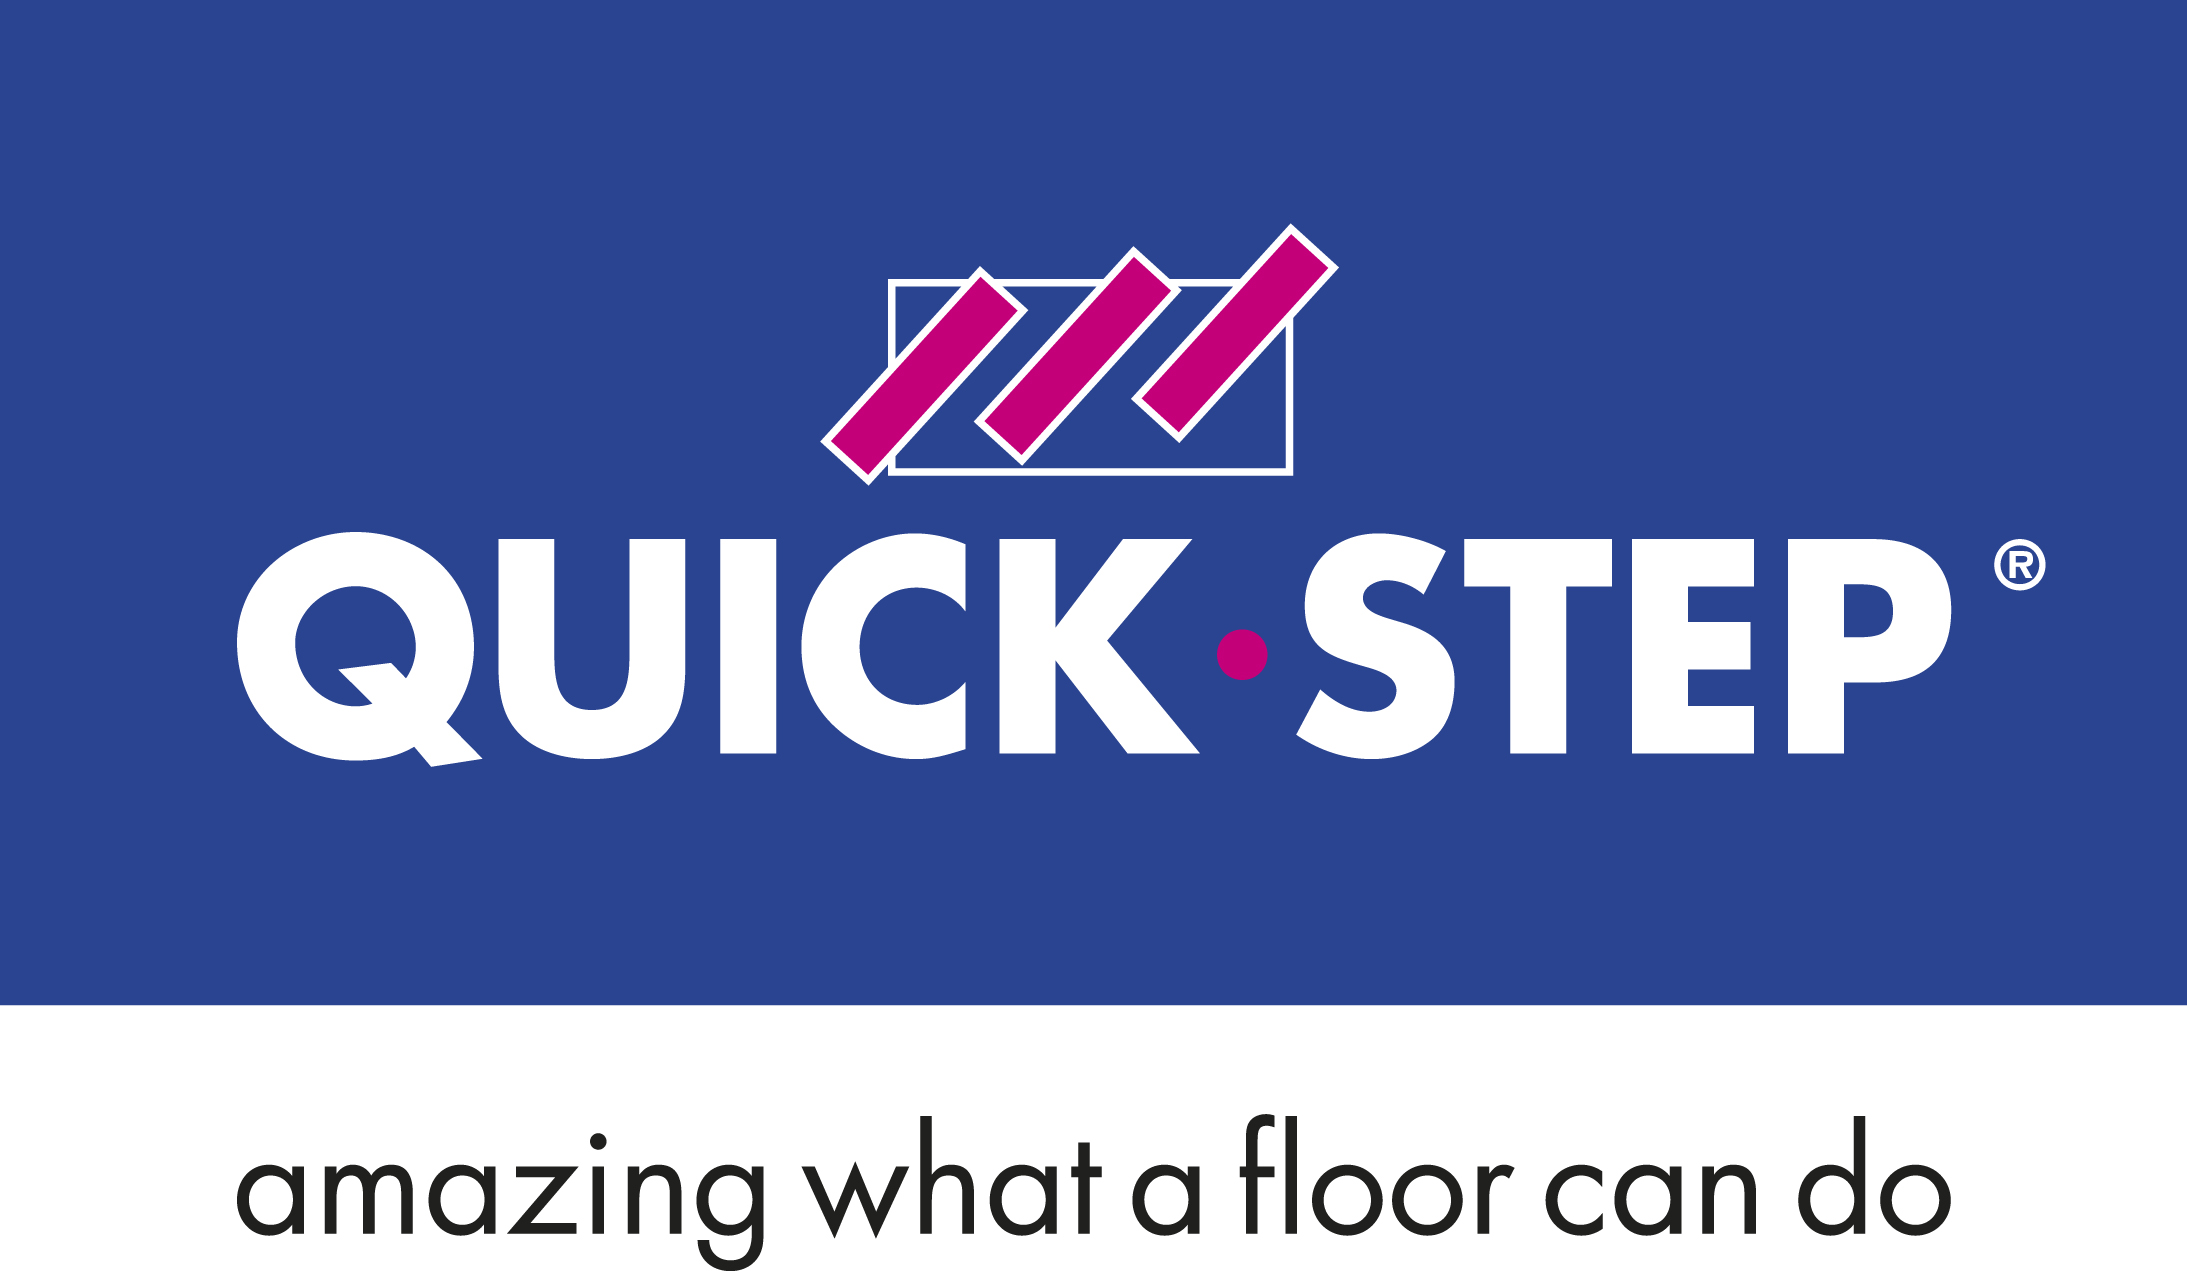 p-QuickstepUK.jpg